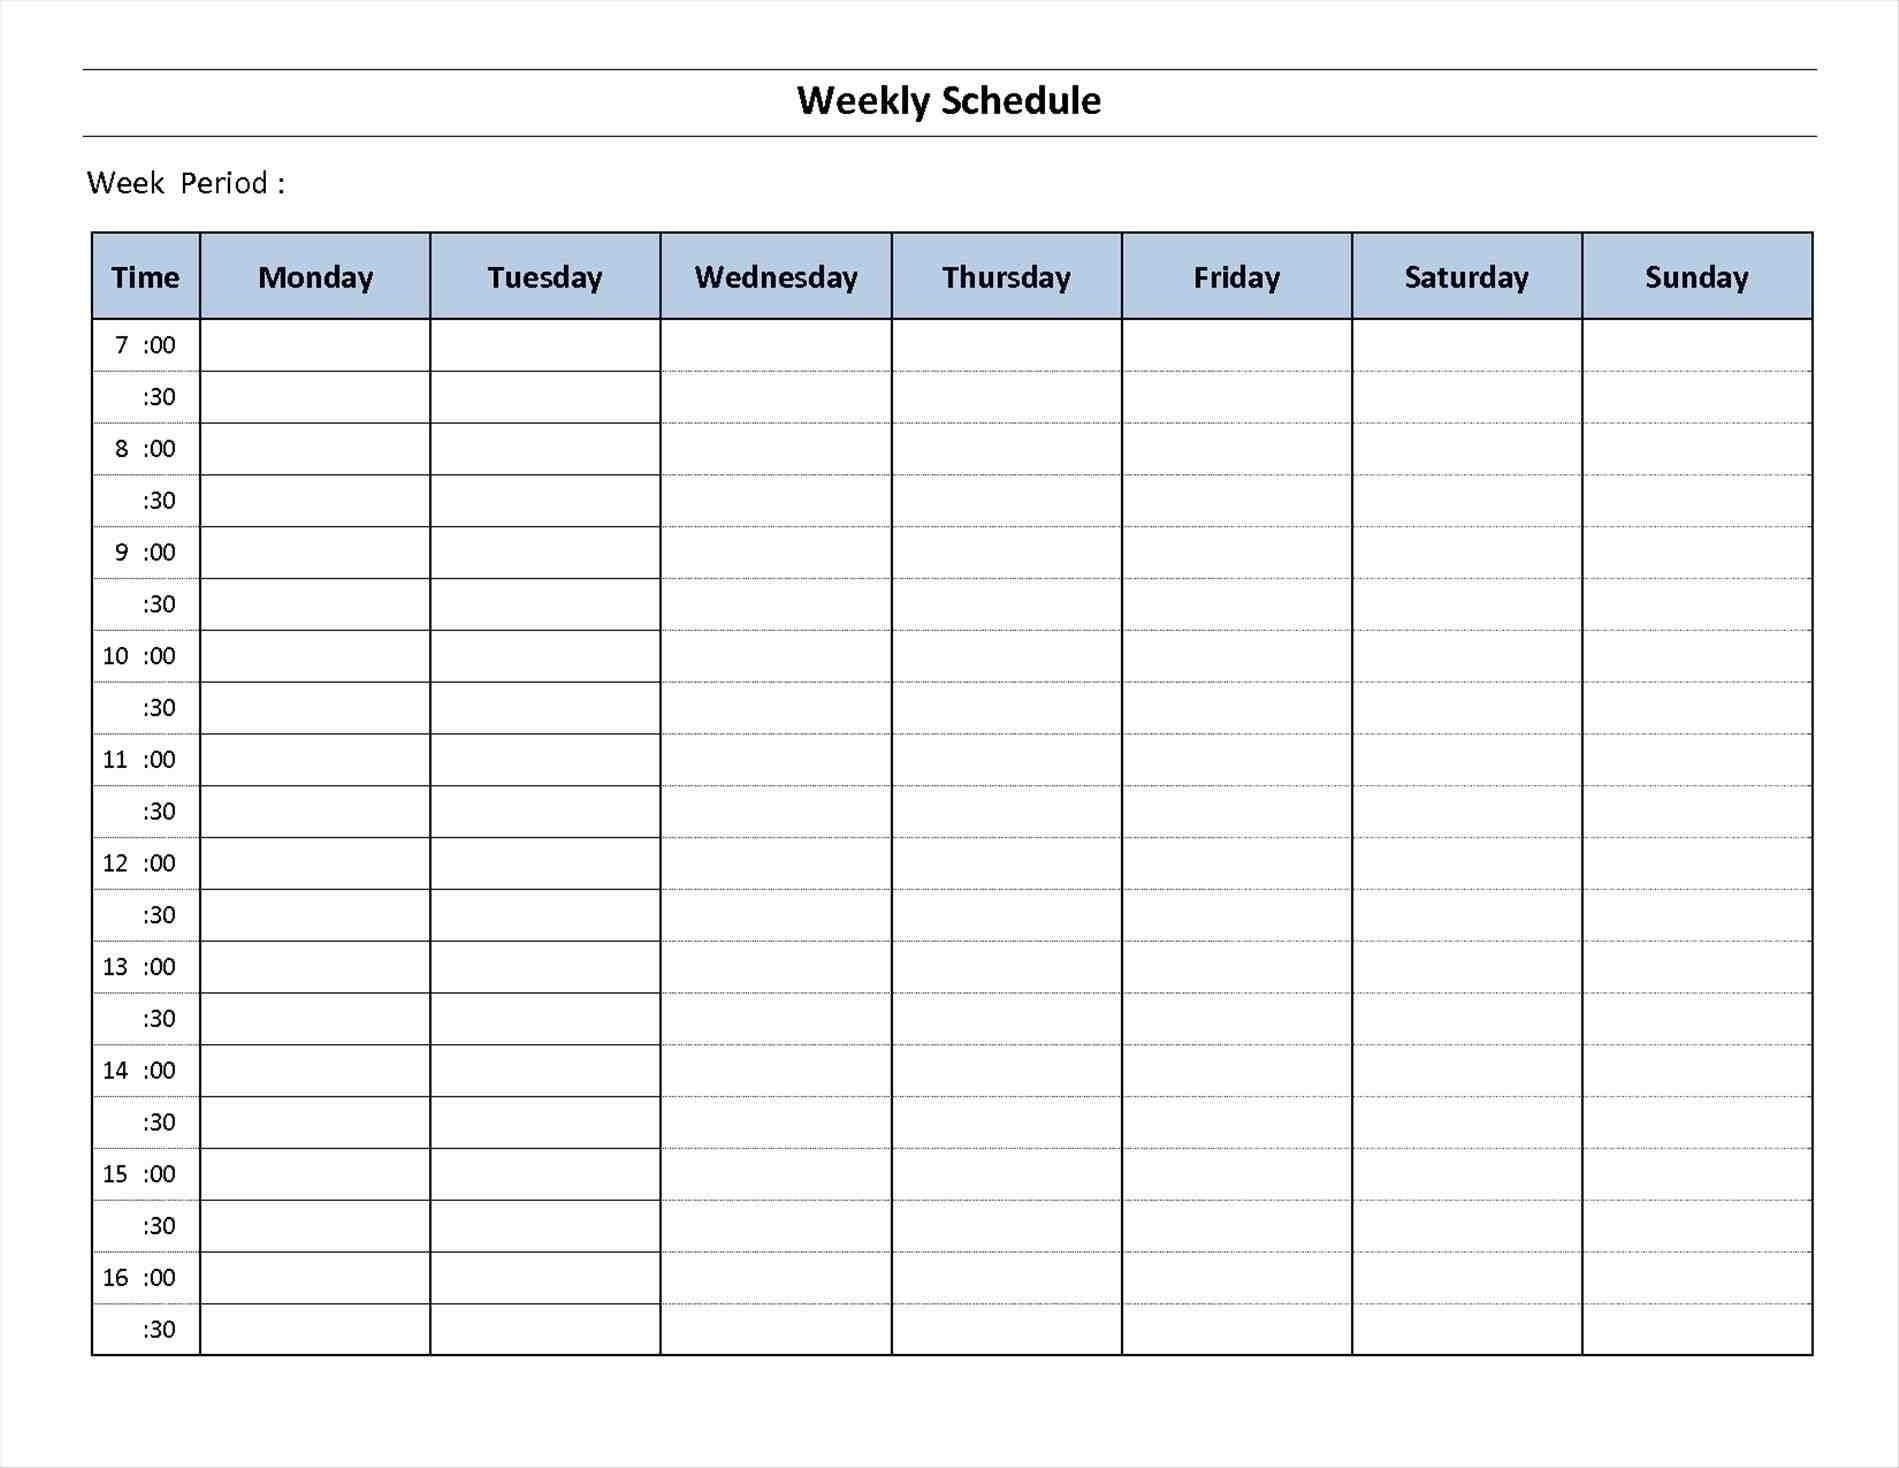 7 Week Calendar Template • Printable Blank Calendar Template inside Weekly Calendar Template 7 Day